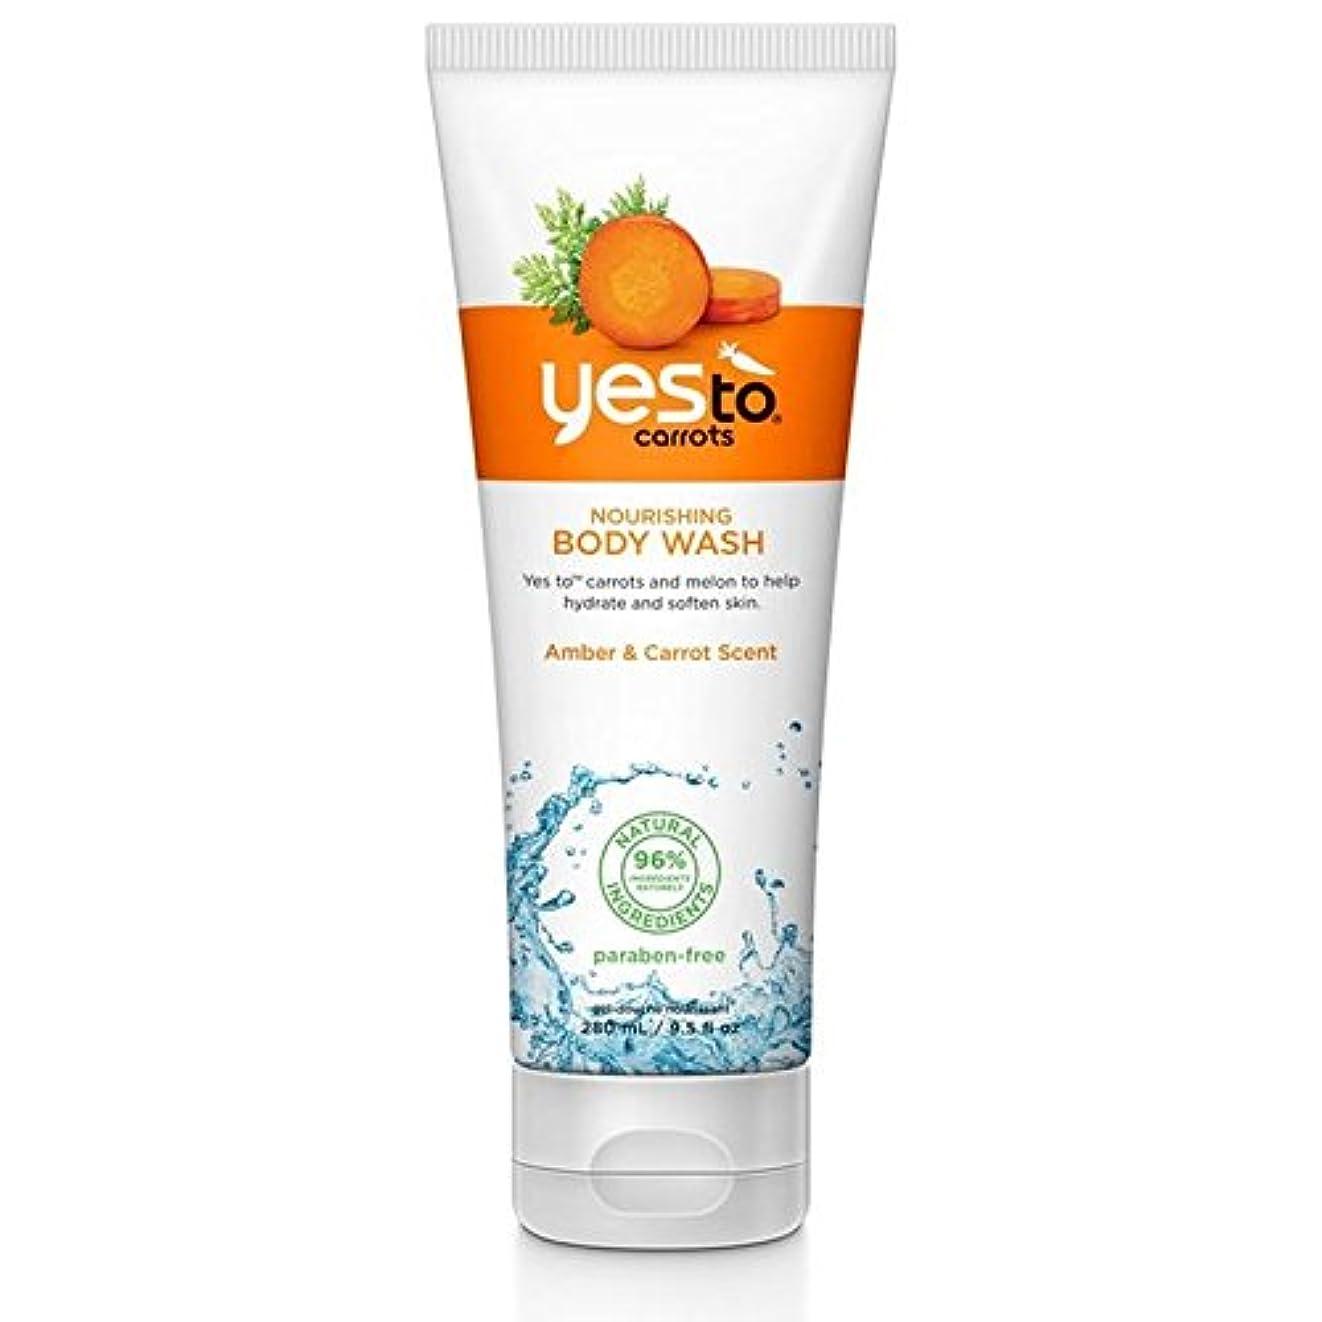 によってミル箱Yes To Carrots Nourishing Body Wash 280ml - はいボディウォッシュ280ミリリットル栄養ニンジンへ [並行輸入品]